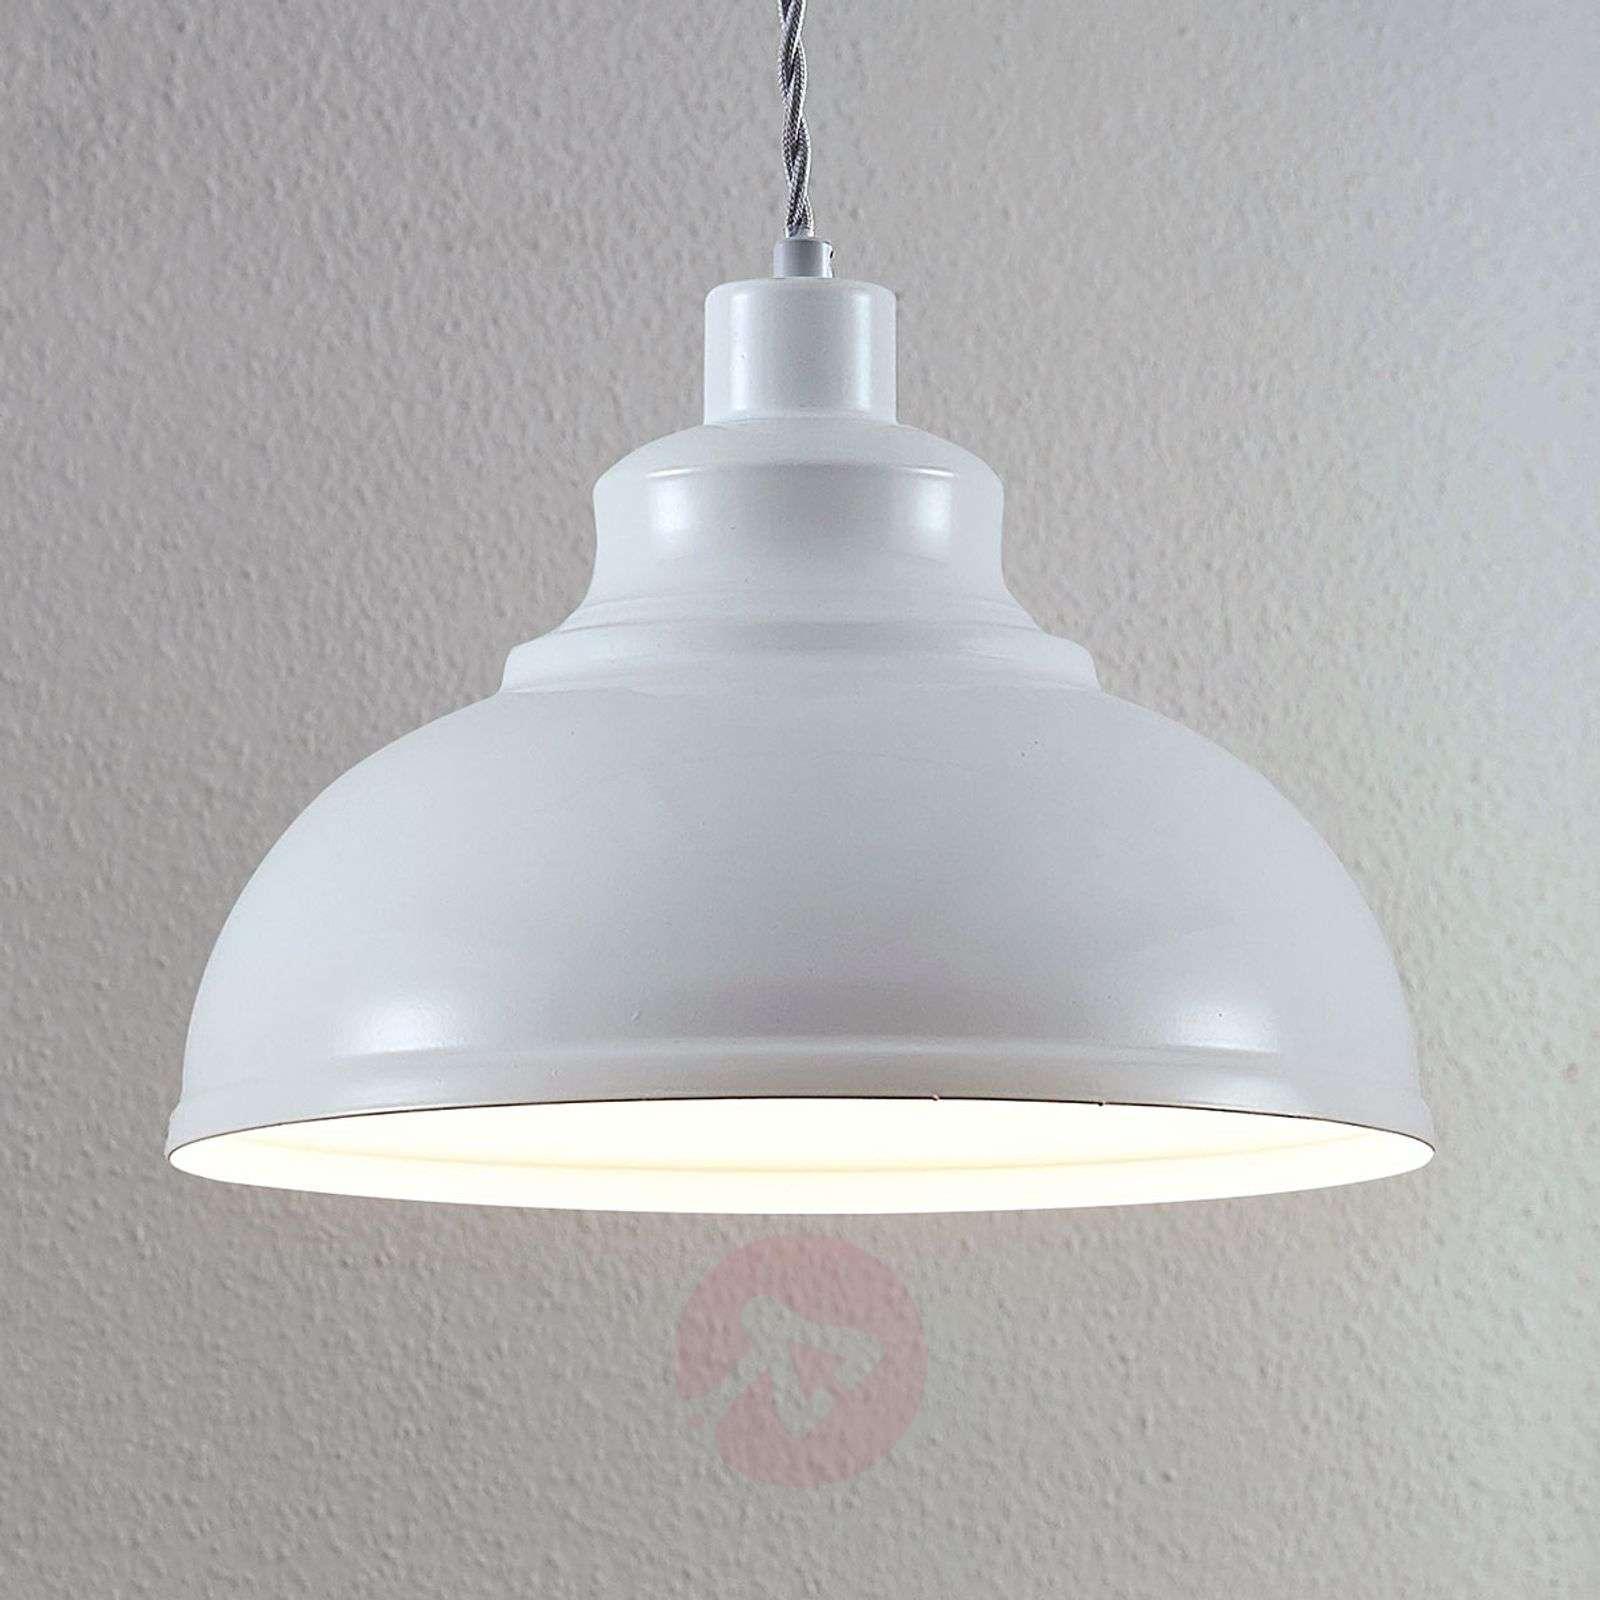 Vintage-riippuvalo Albertine, metalli valkoinen-9624350-01